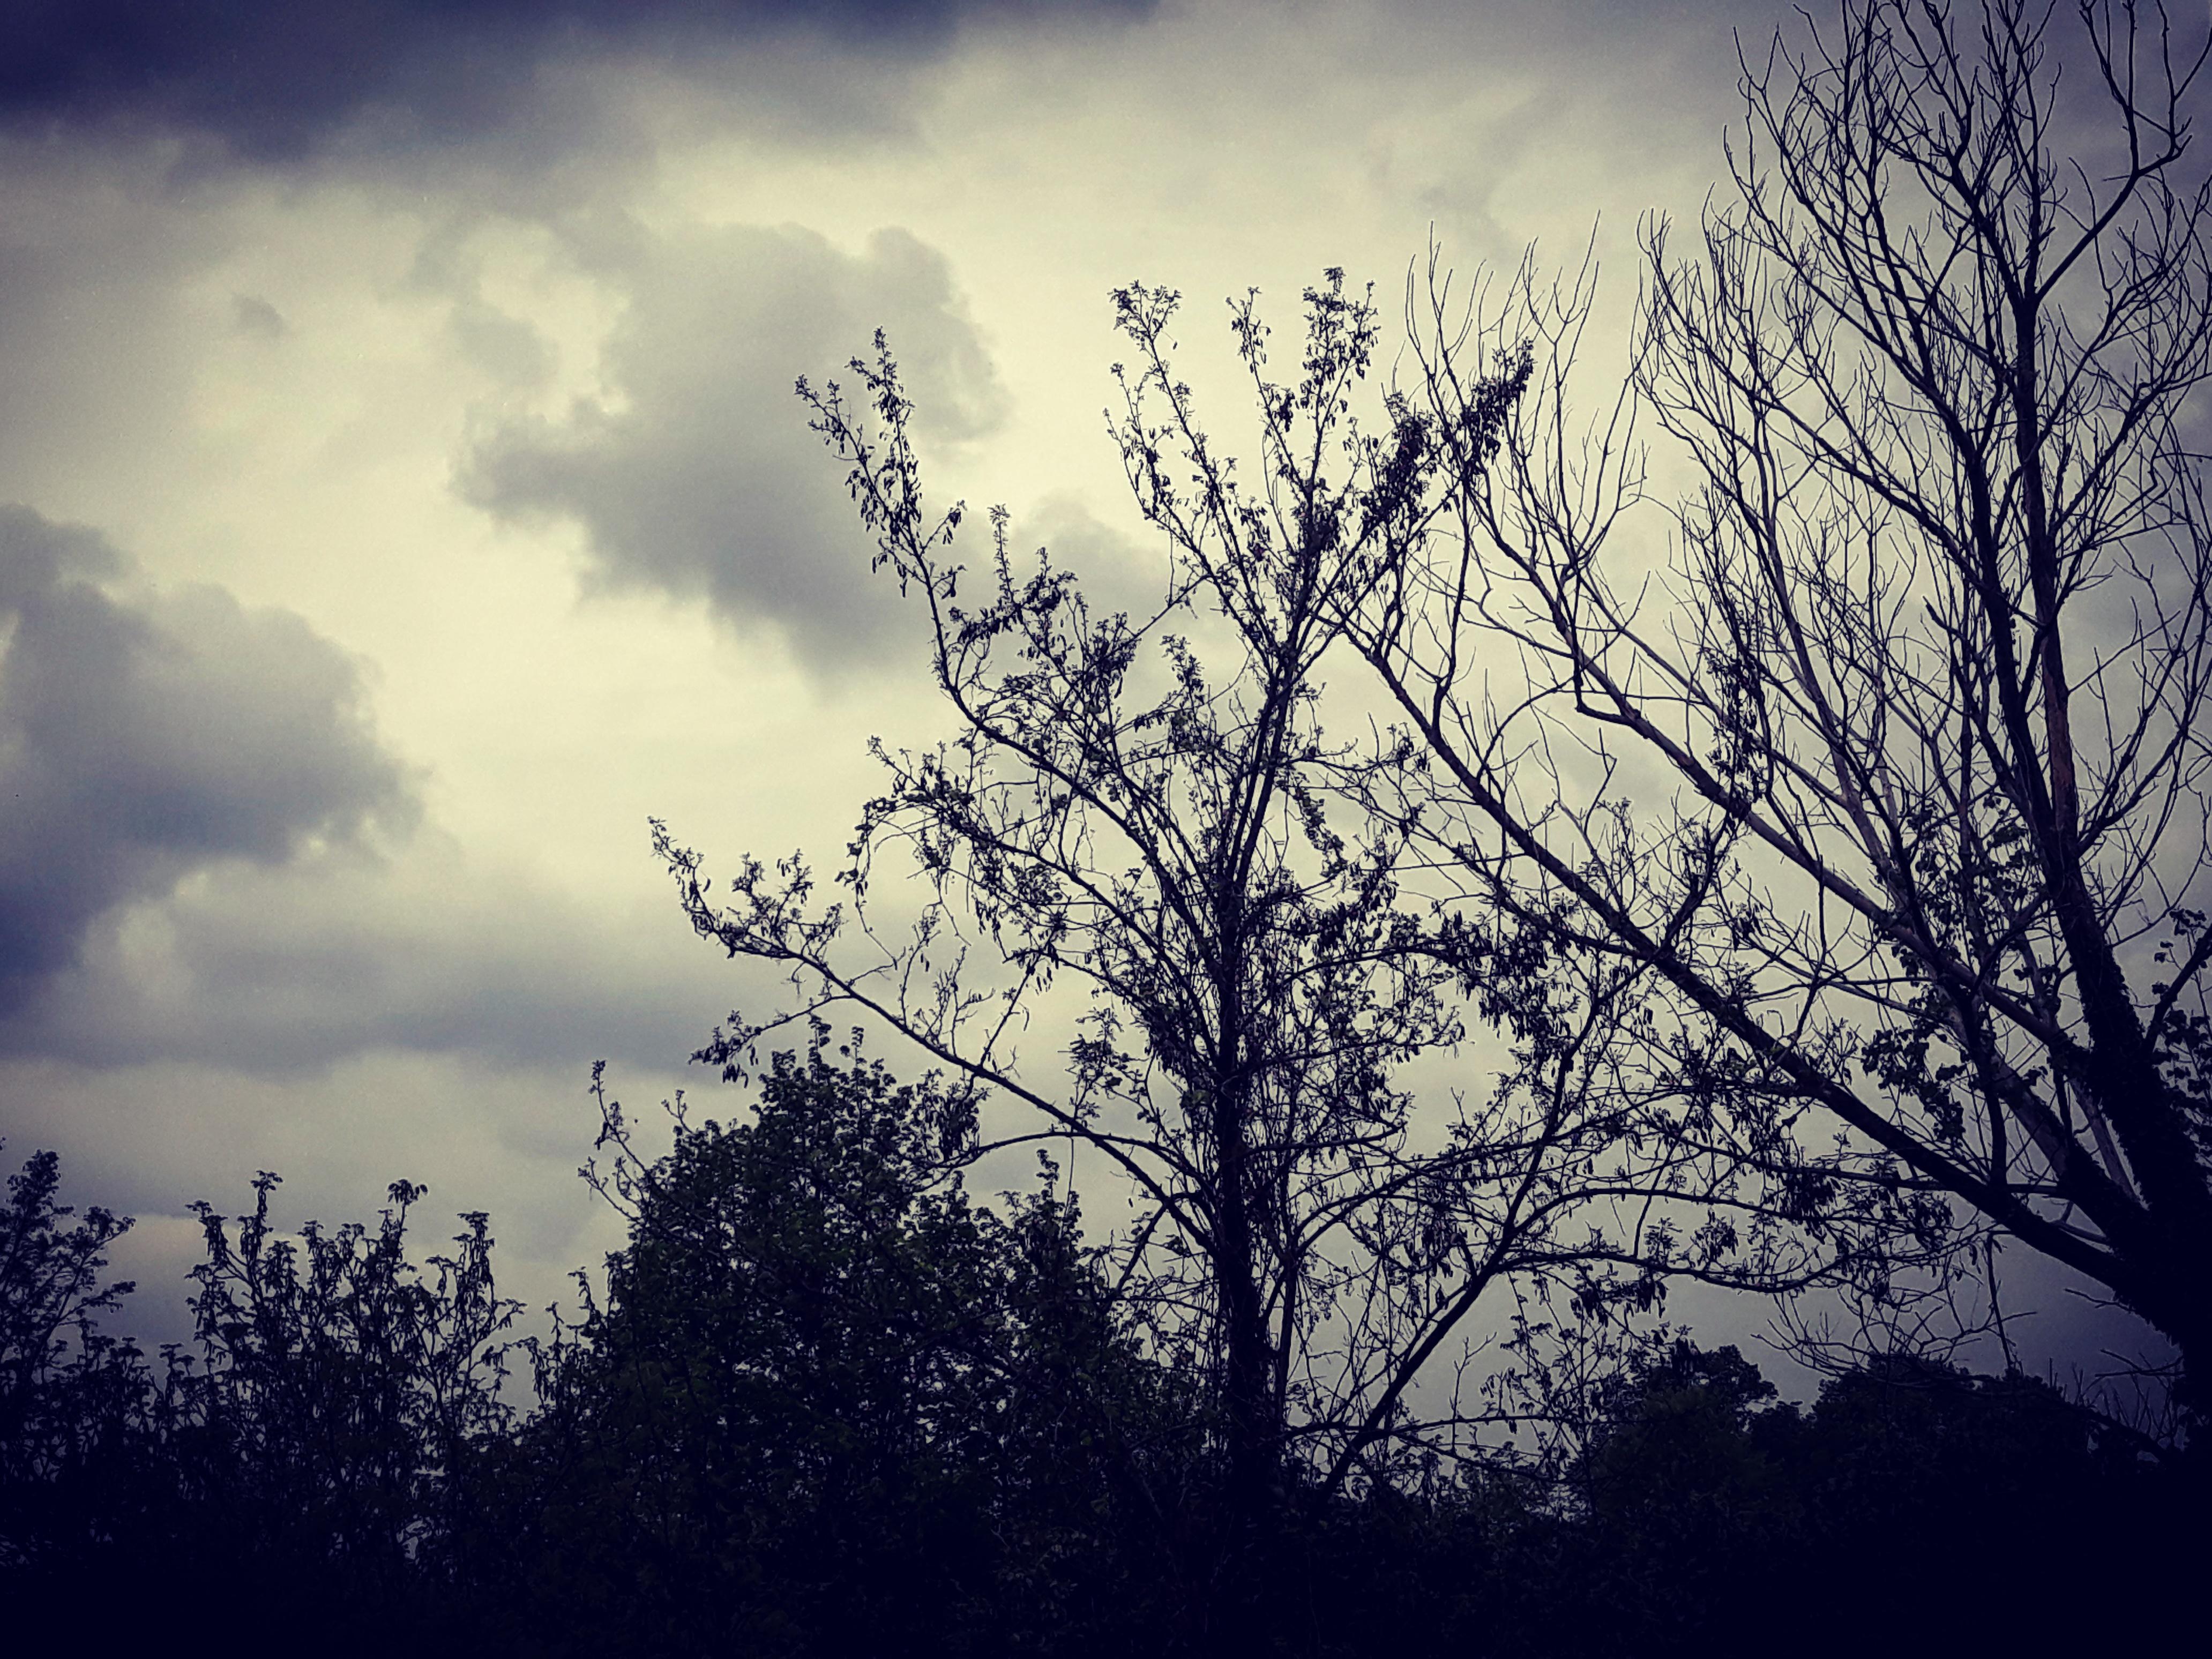 VREMENSKA PROGNOZA: Spremite kišobrane narednih sedam dana